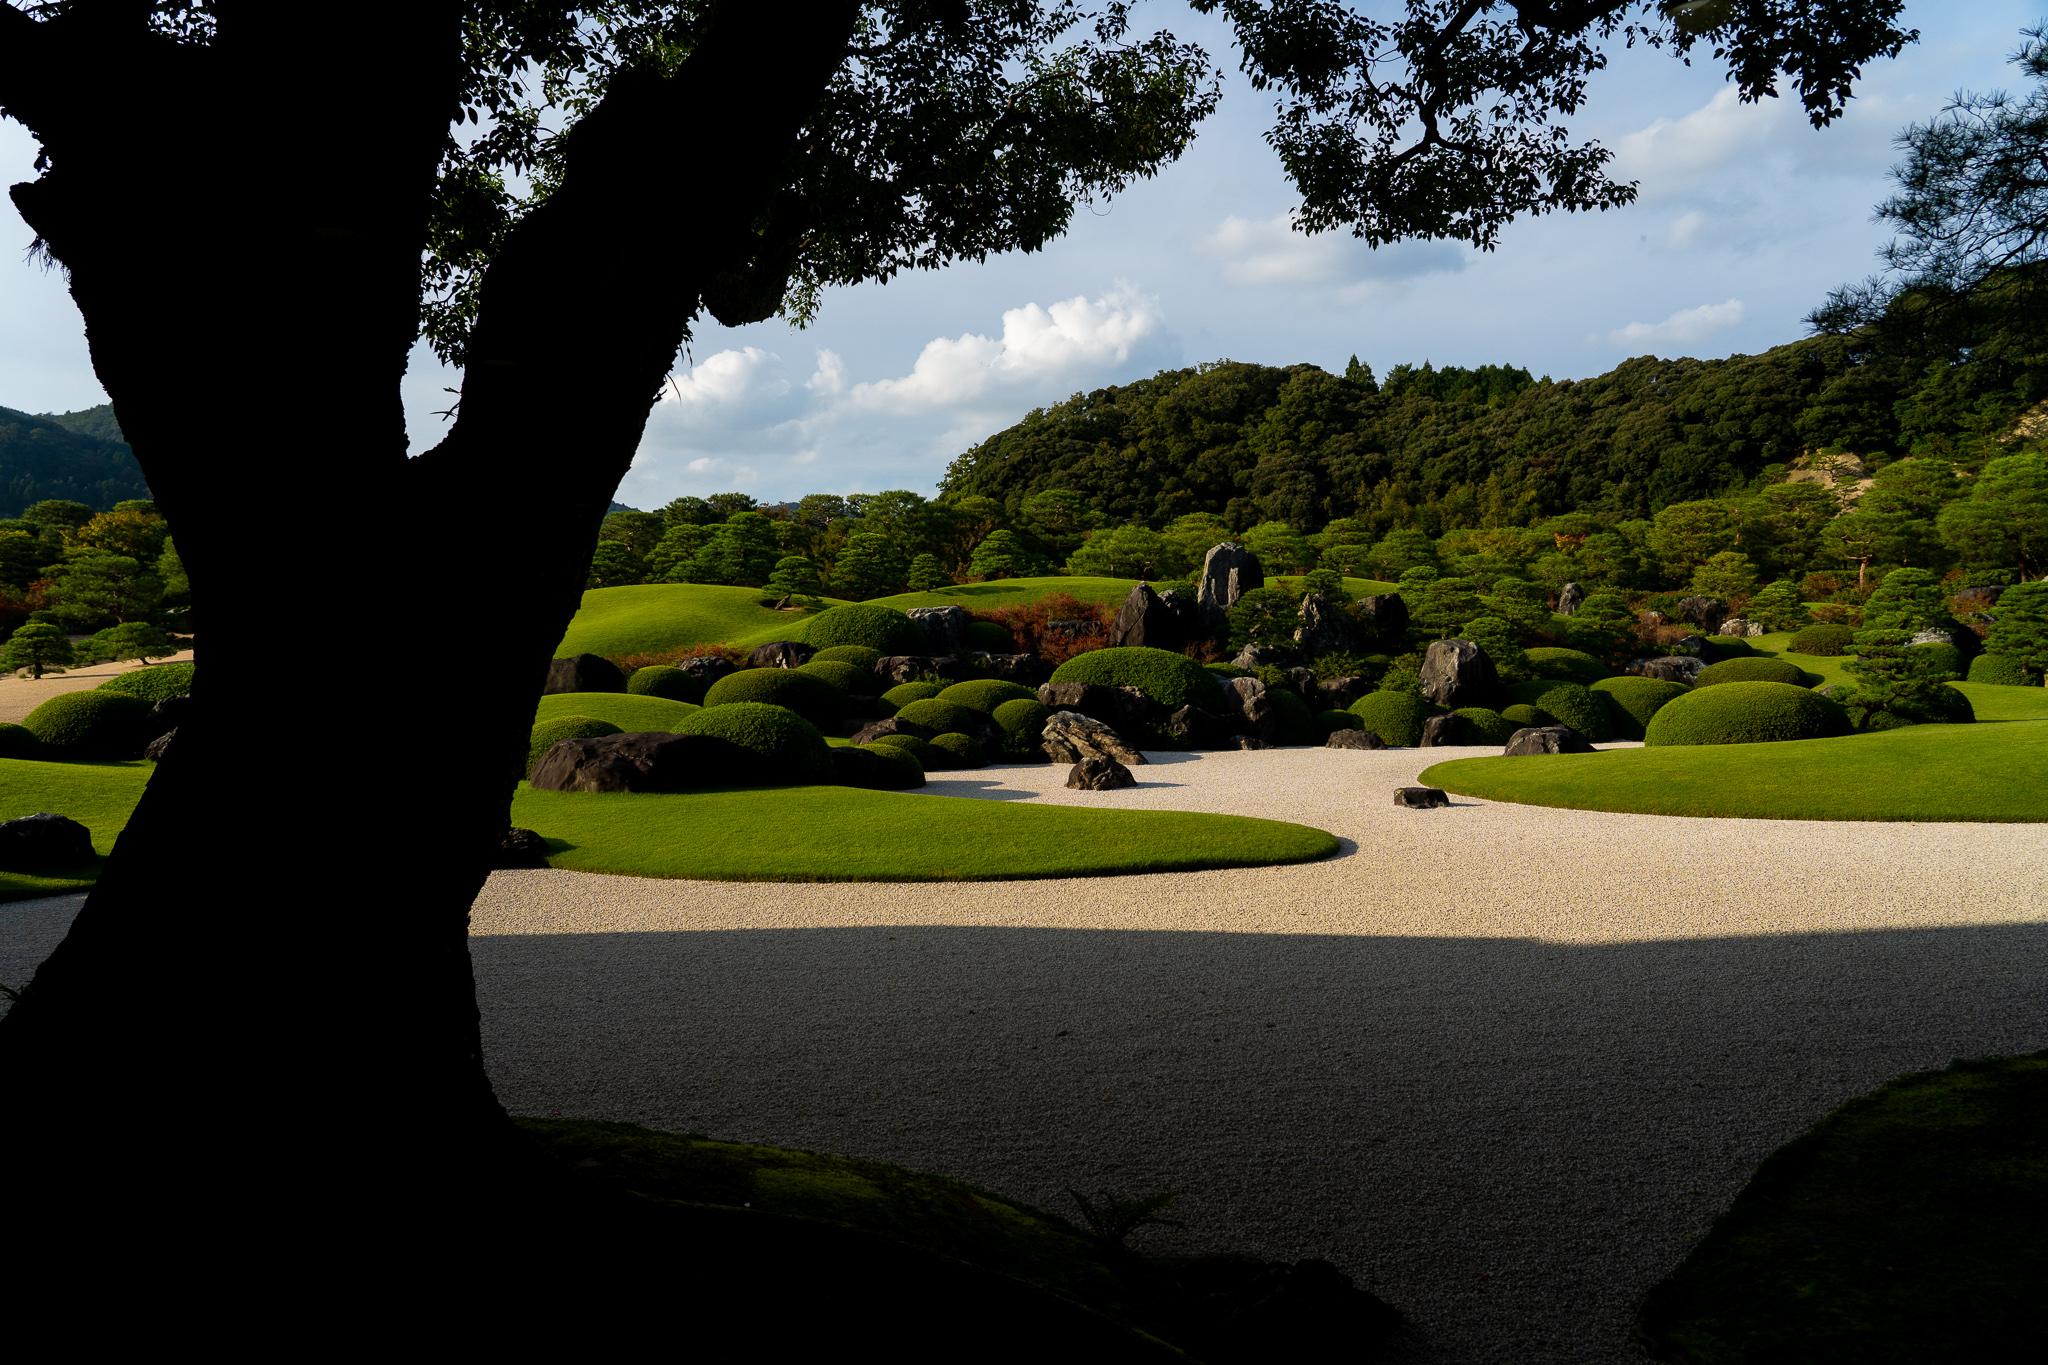 【世界が認めた】足立美術館の庭園で、心身が浄化された話@島根県